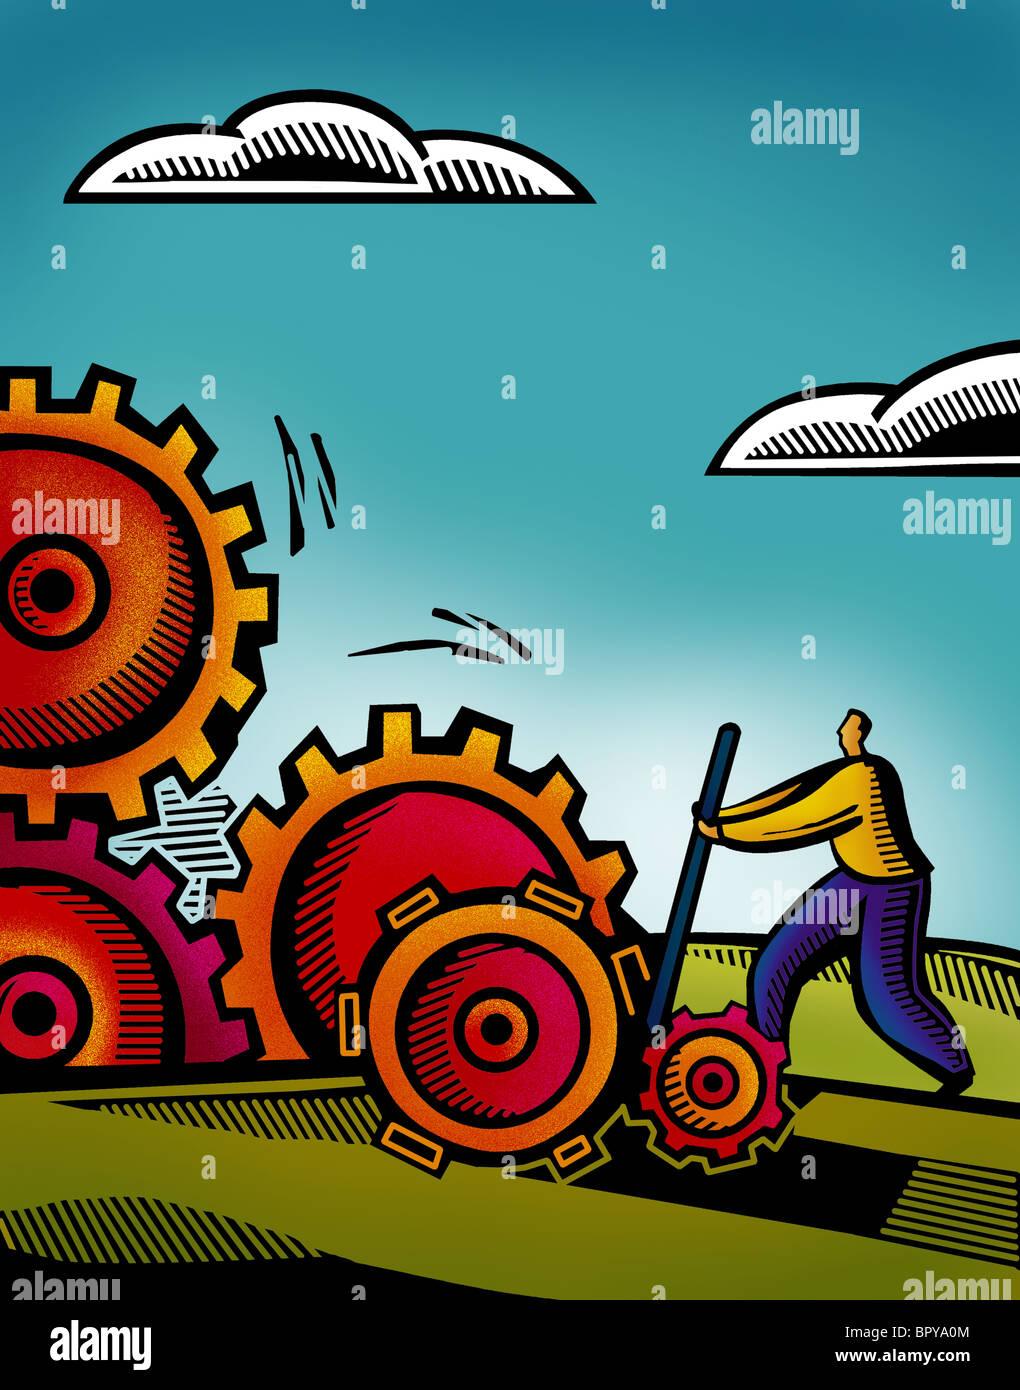 Un hombre de negocios trabajando entre engranajes conectados Imagen De Stock